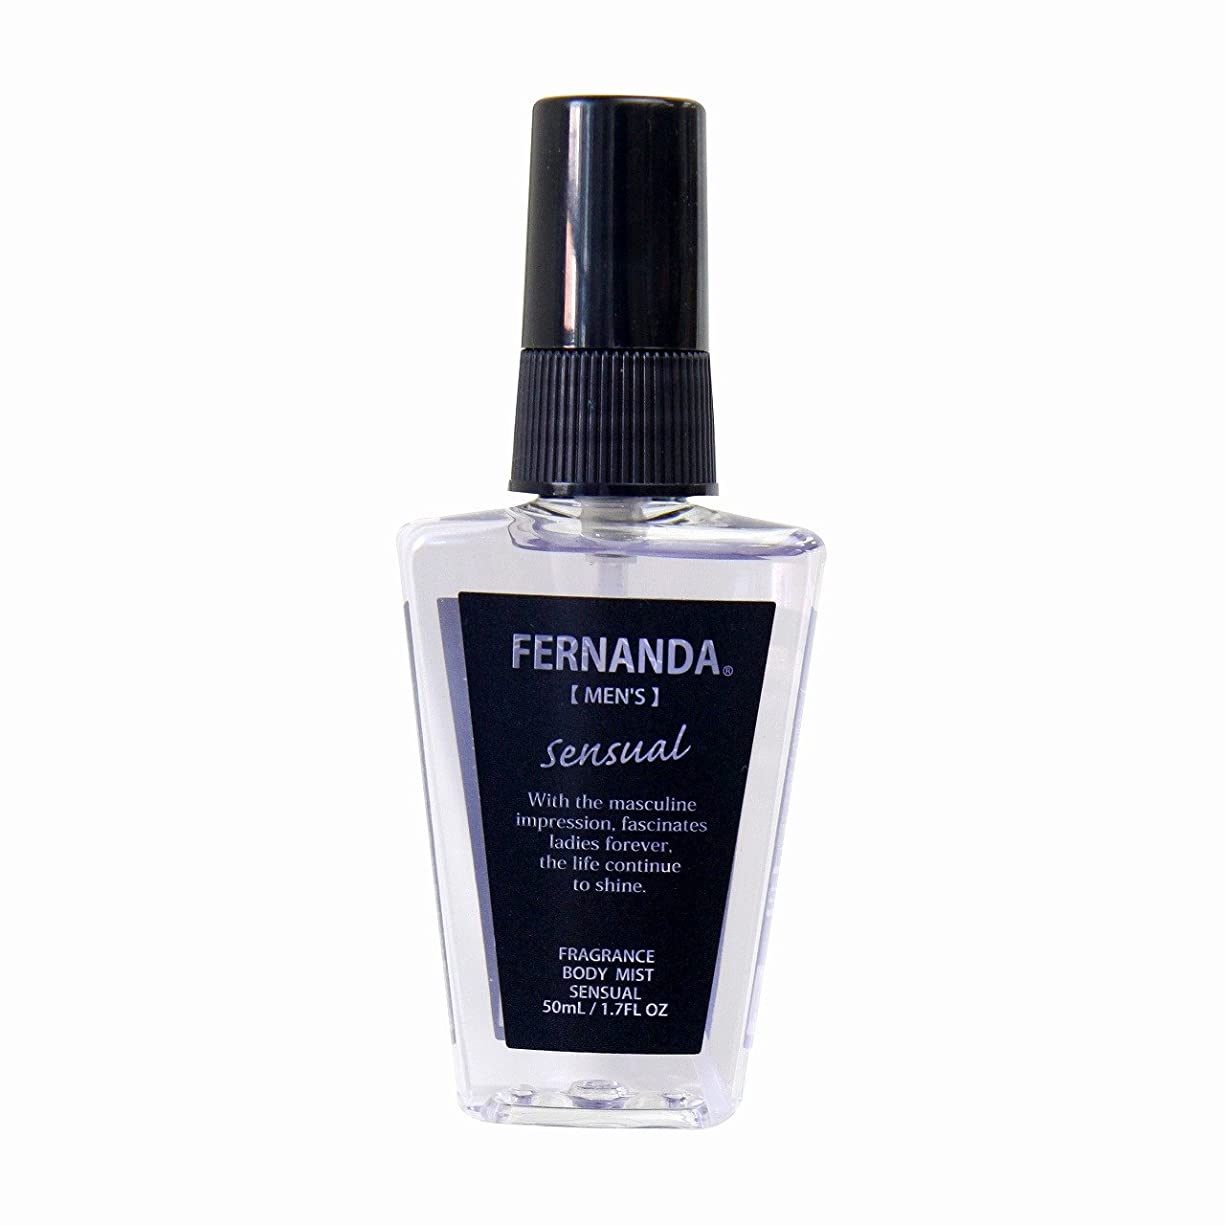 量で説教する損傷FERNANDA(フェルナンダ) Body Mist For MEN Sensual (ボディミスト フォーメン センスアル)